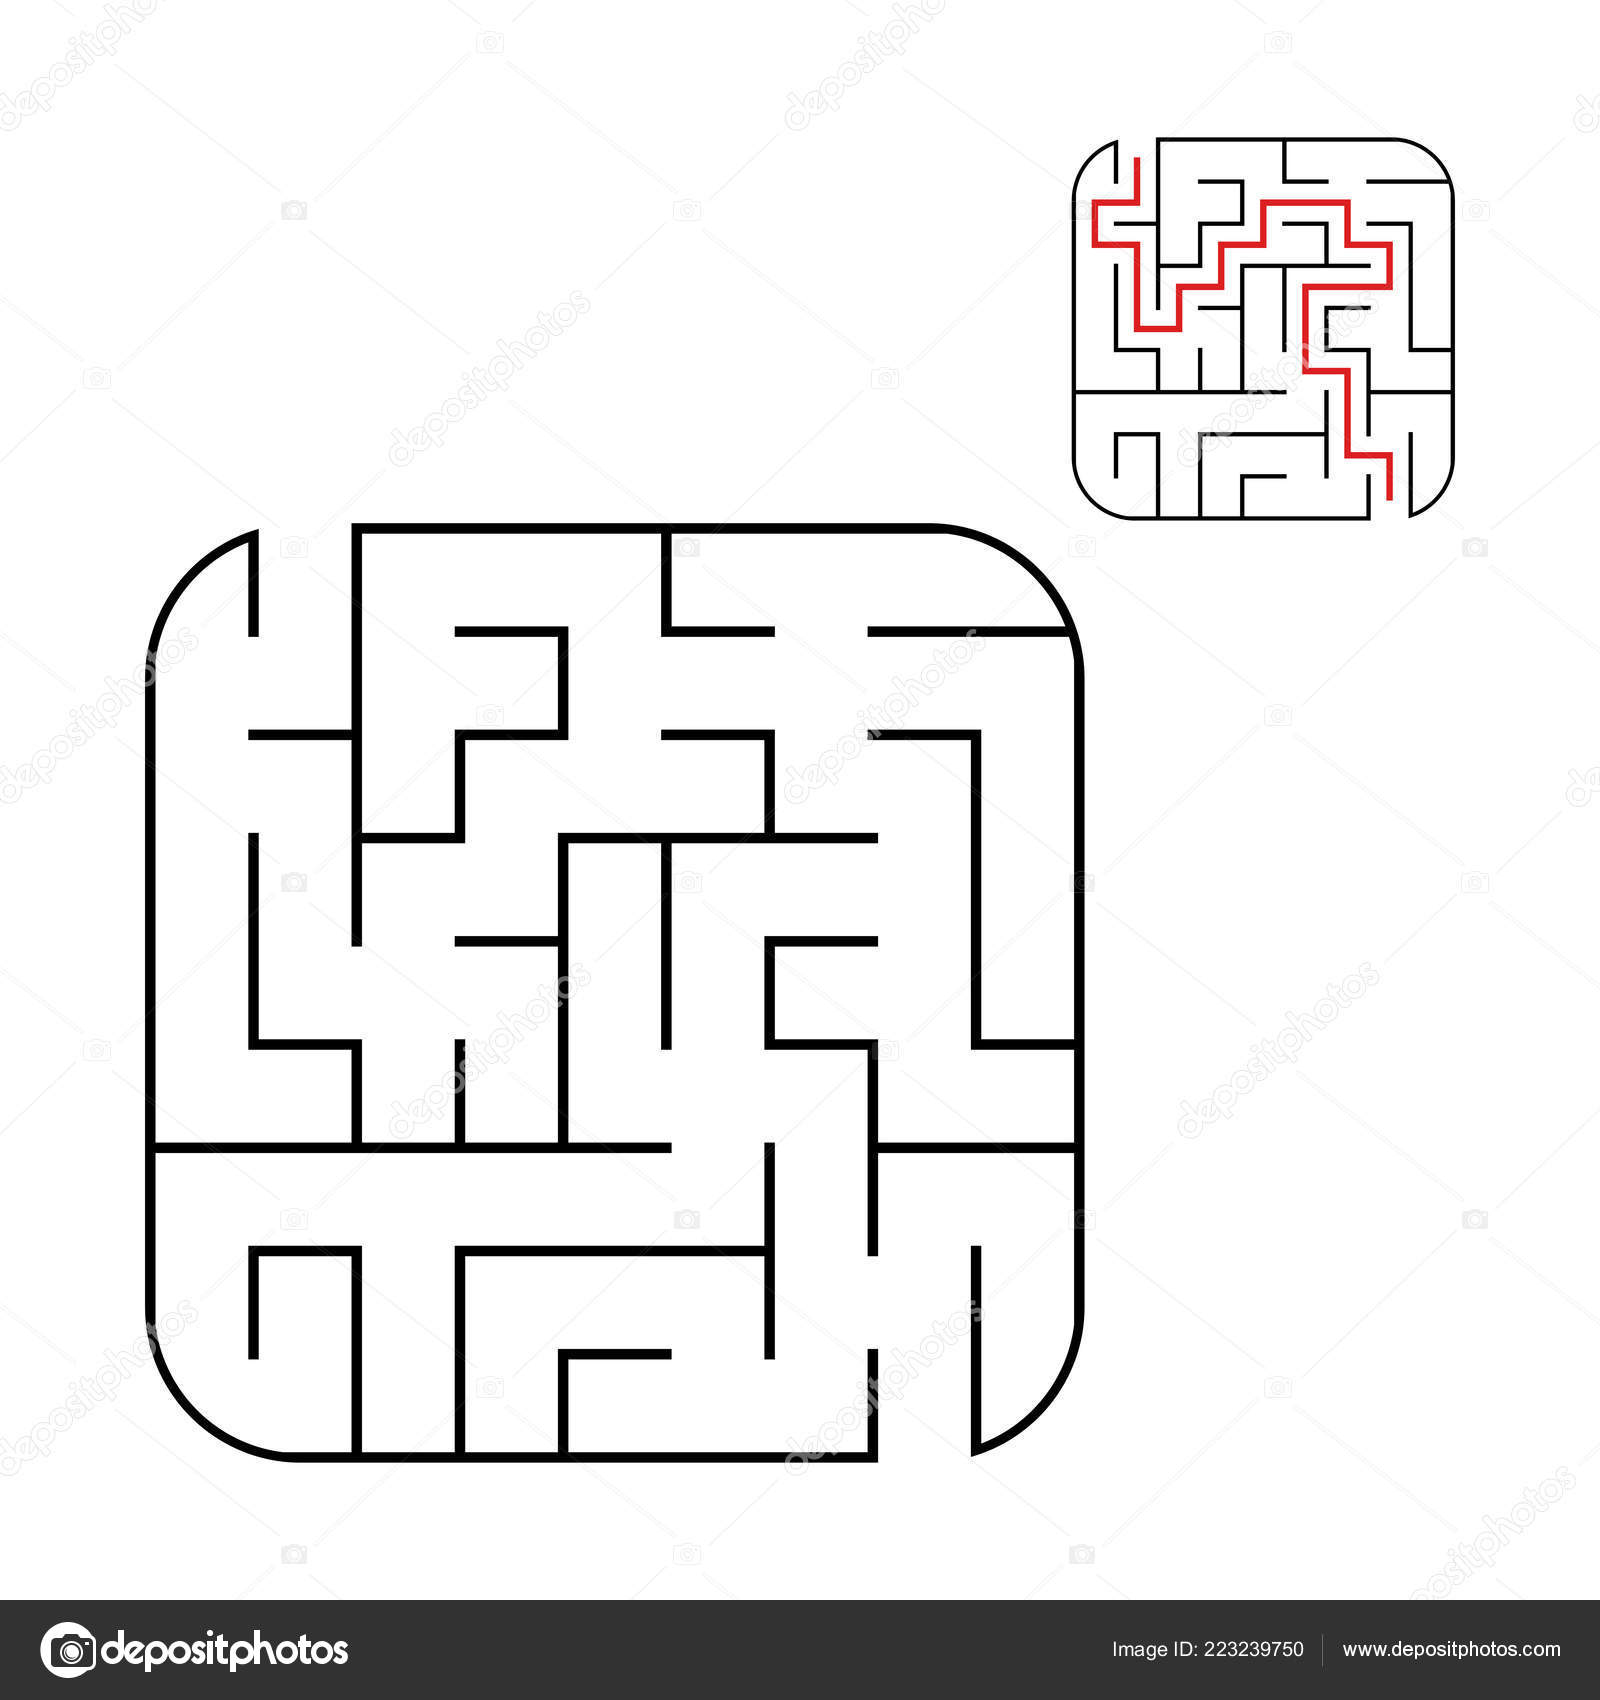 抽象的な正方形の迷路 難易度の簡単なレベル 子供のためのゲーム 子どものためのパズル つの出口を入口します 迷宮の難問 白い背景で隔離のフラット ベクトル図 ストックベクター C Platypusmi86